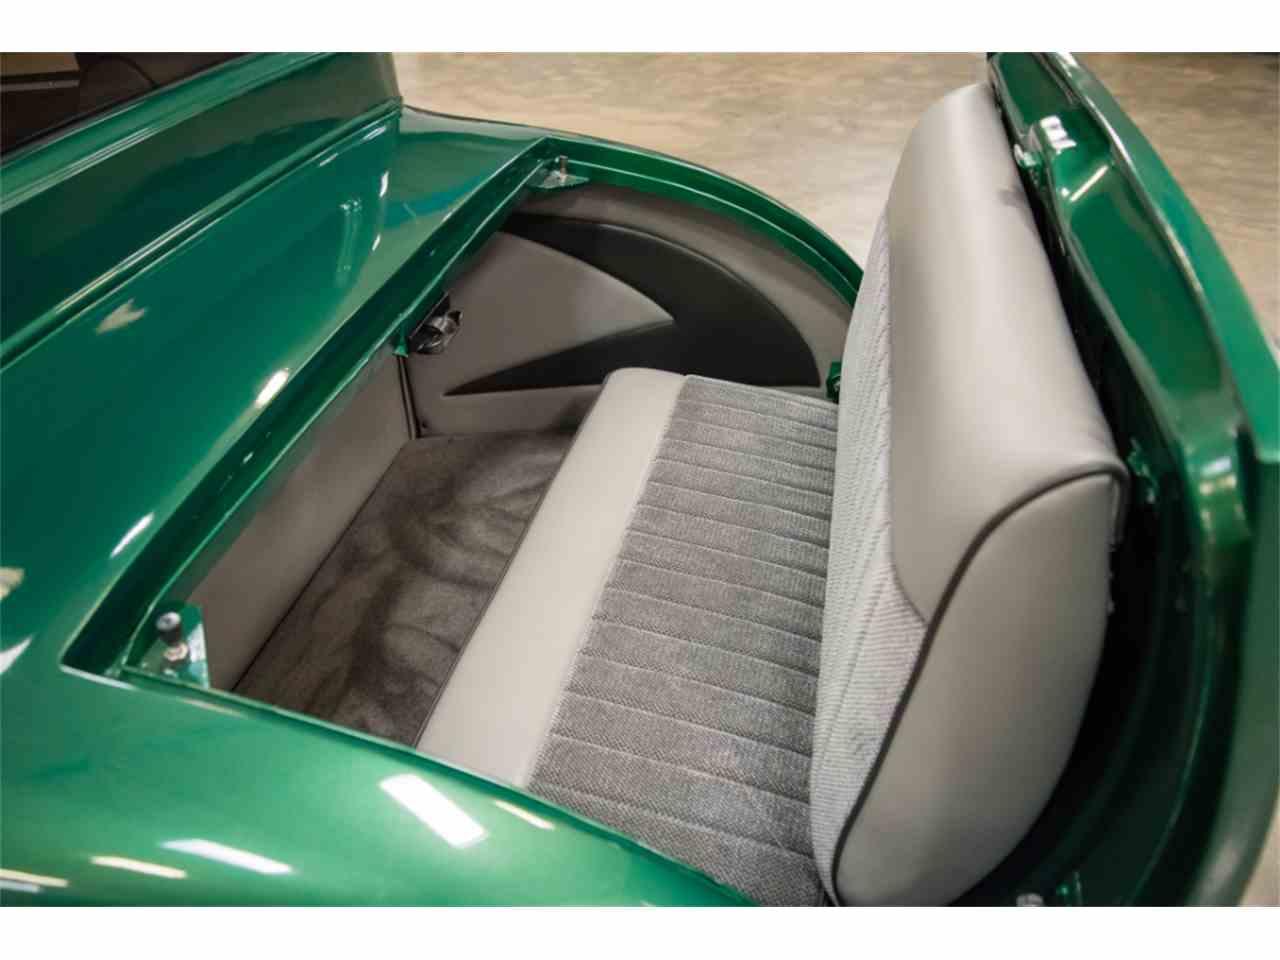 Sedan 1931 chevrolet sedan for sale : 1931 Chevrolet Sedan for Sale | ClassicCars.com | CC-1049134